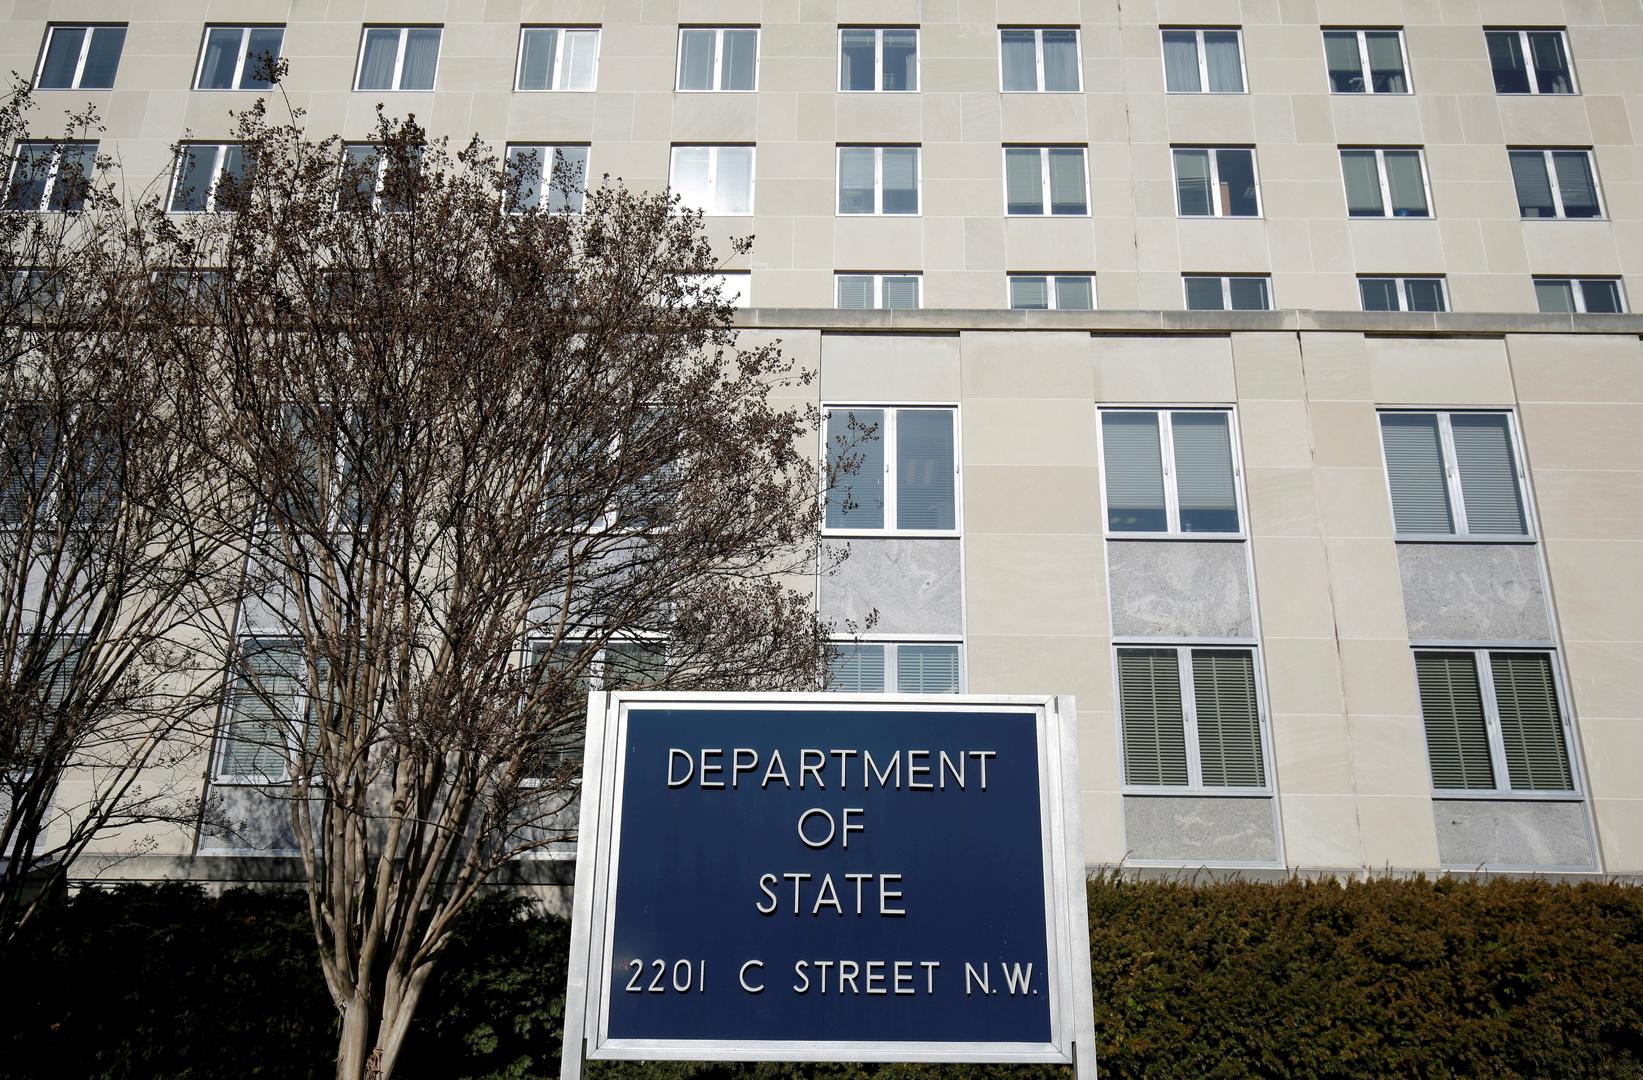 واشنطن تعرض مكافأة بملايين الدولارات مقابل معلومات عن قيادي بالقاعدة